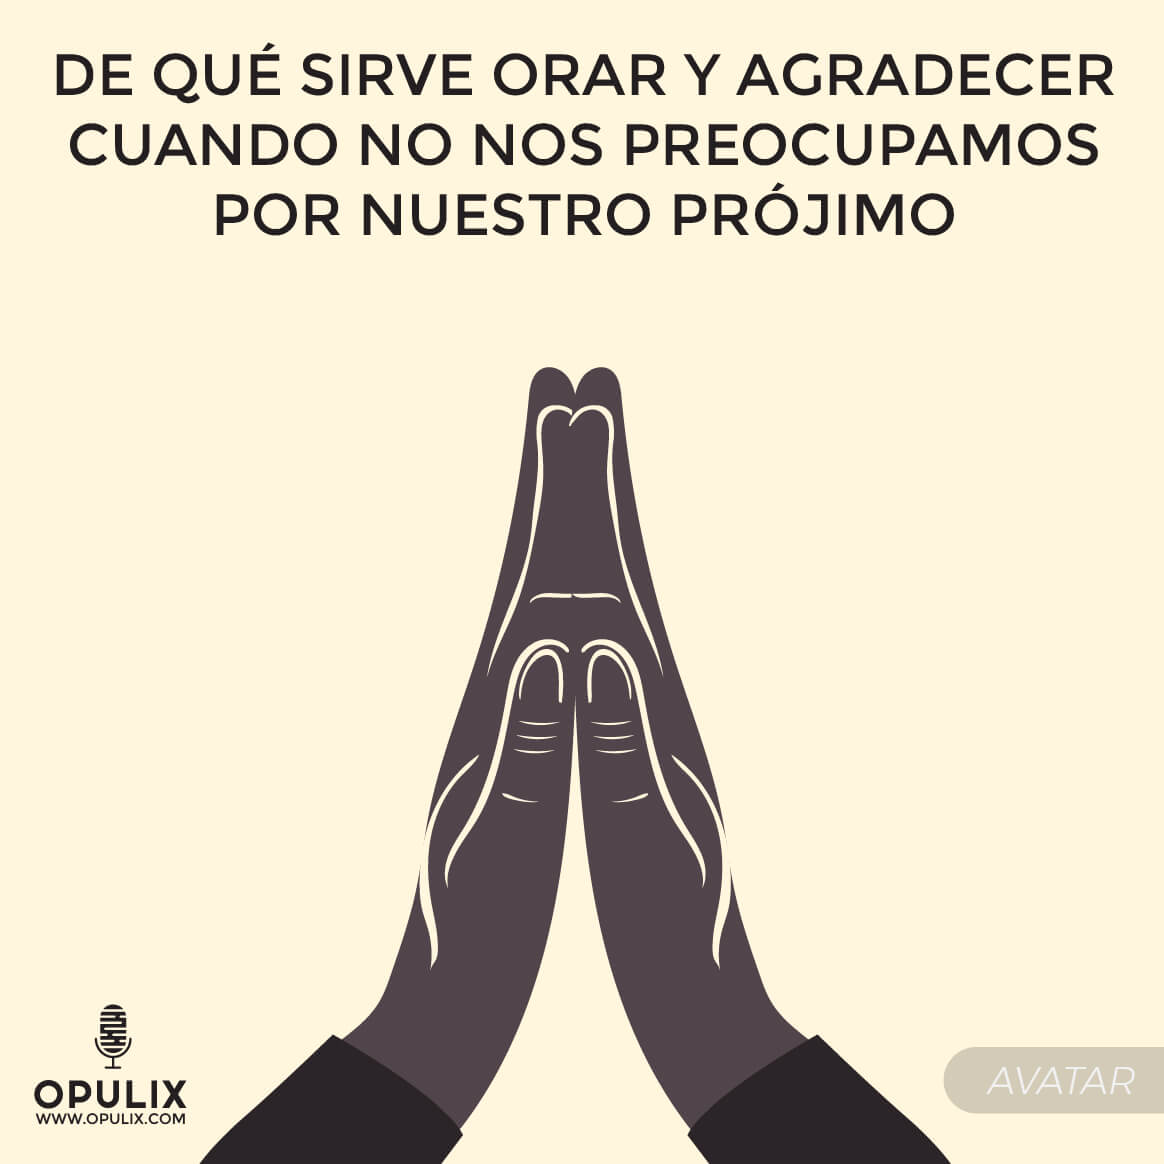 ¿Y si oramos por nuestro prójimo?